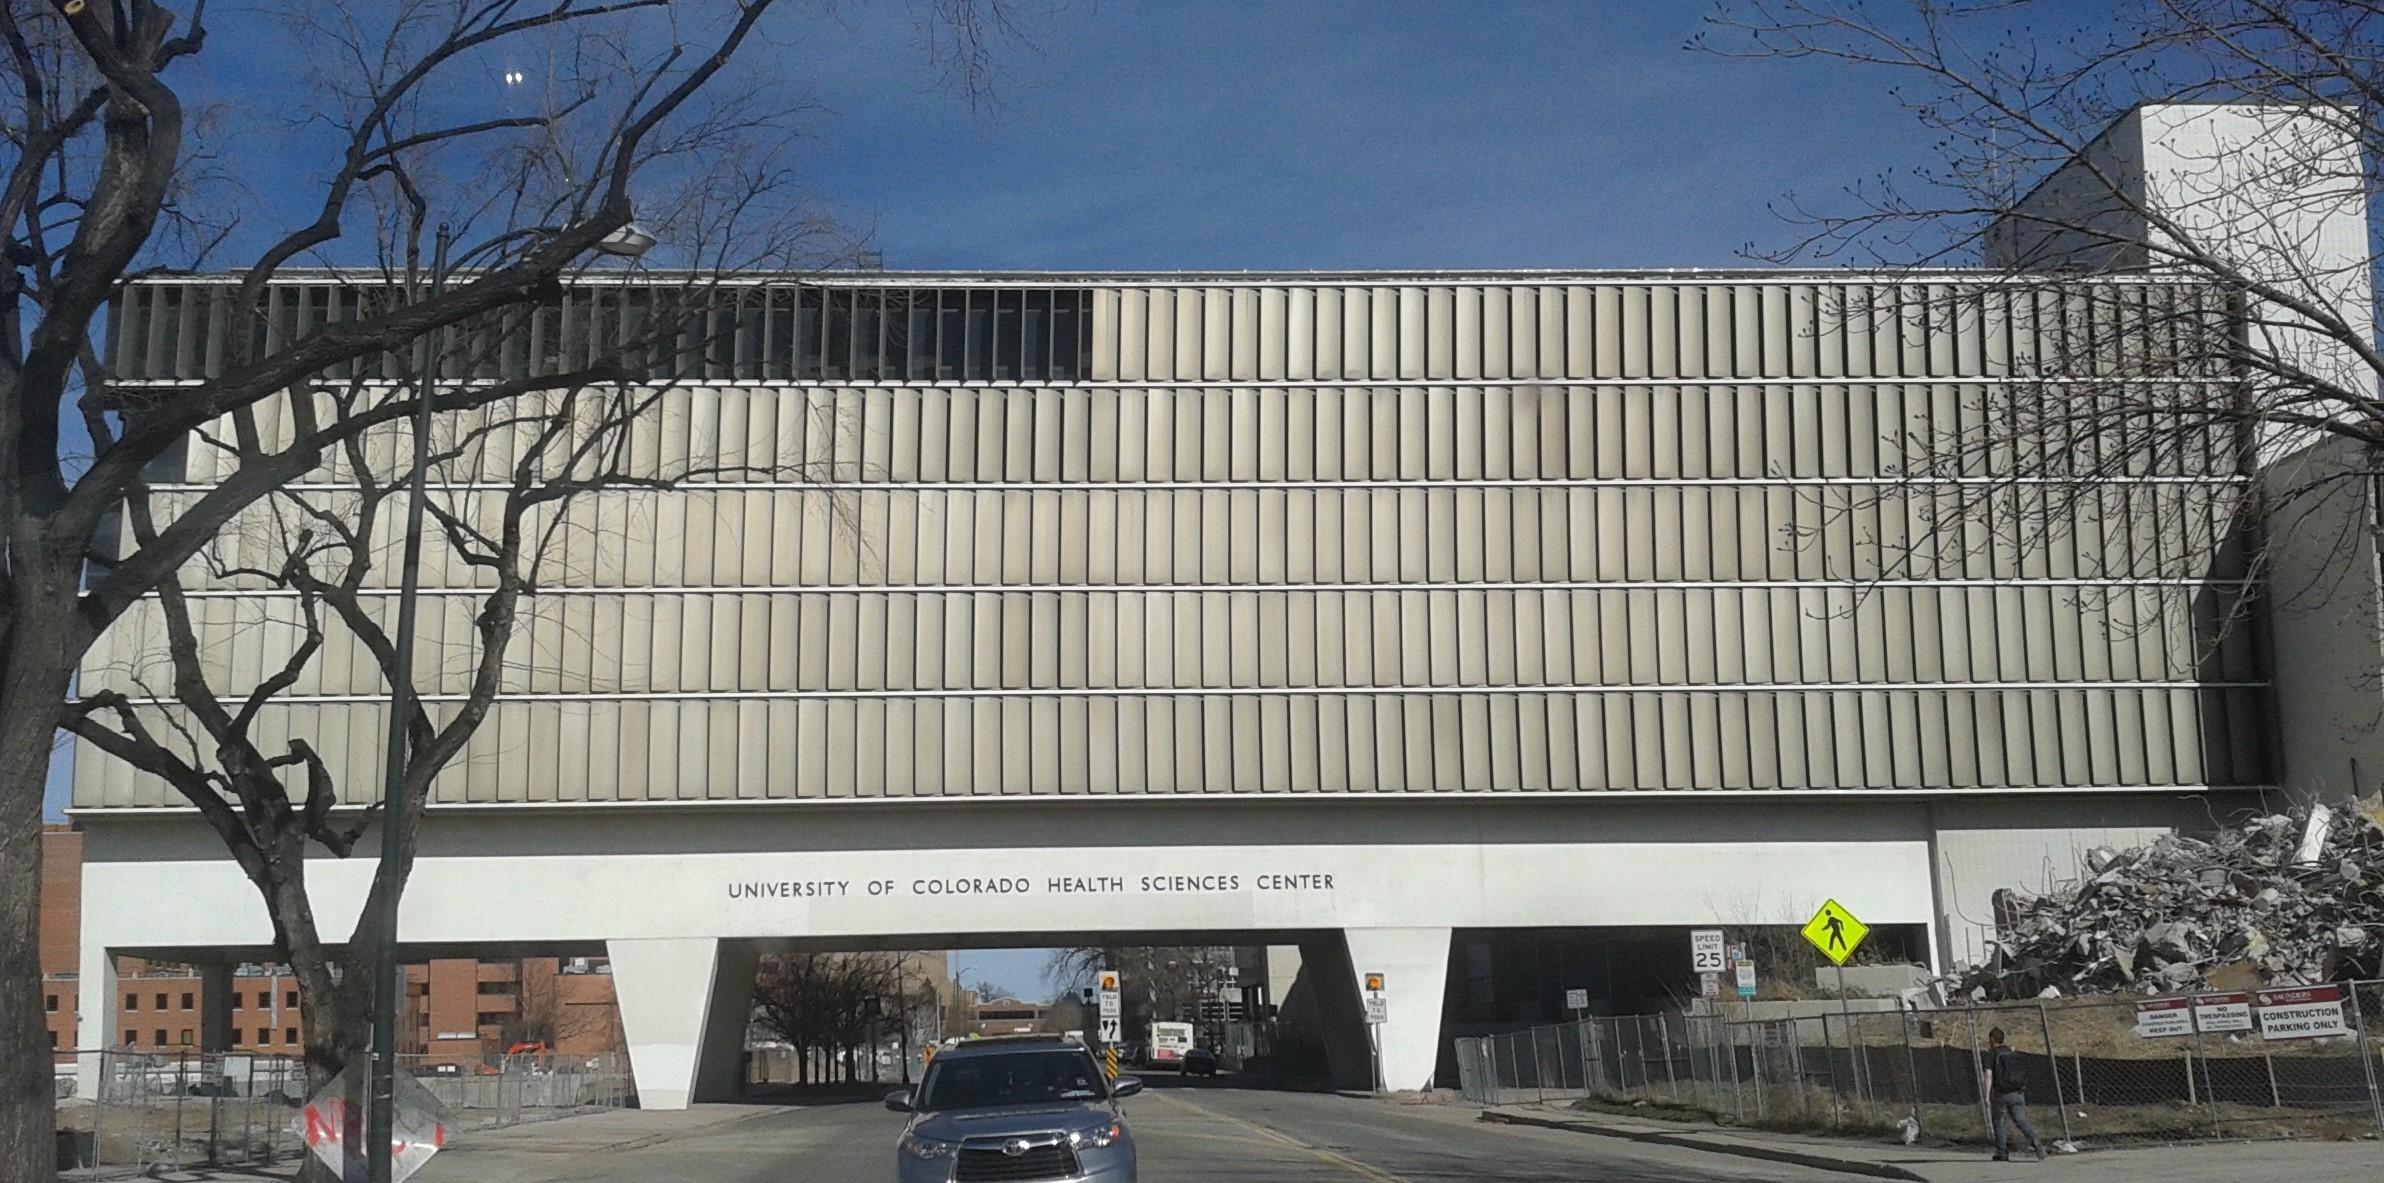 University Of Colorado Health Sciences Center >> File The Former University Of Colorado Health Sciences Center April